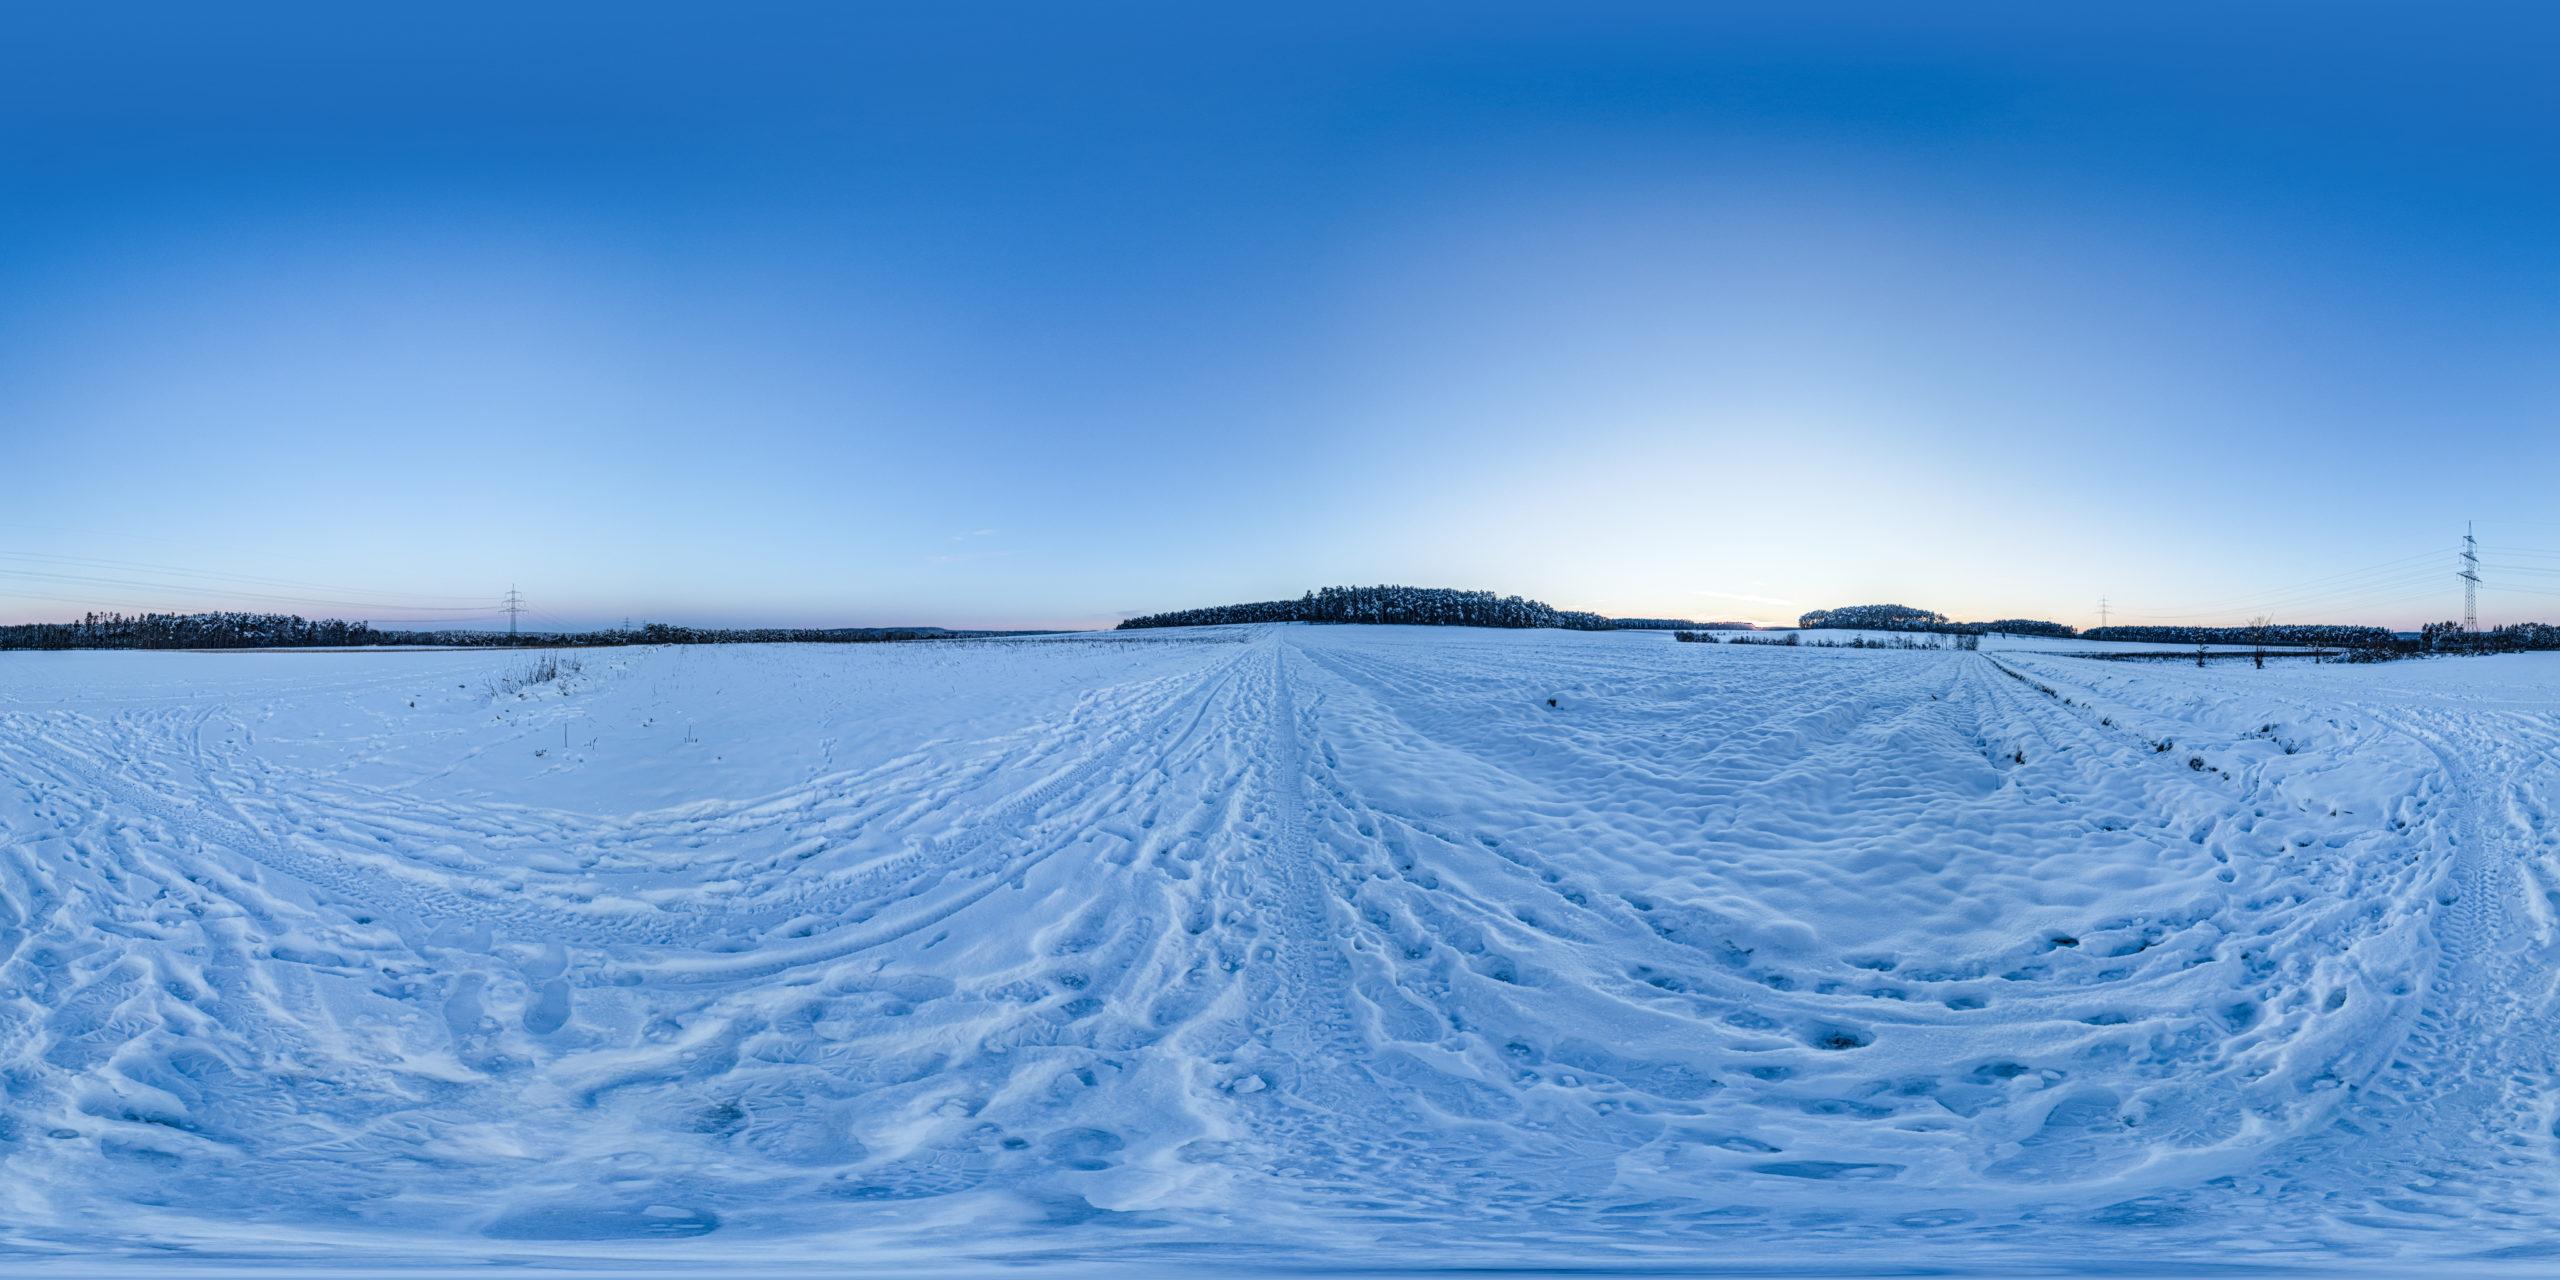 HDRI-Skies-Snowy-Field-Georgensgmünd